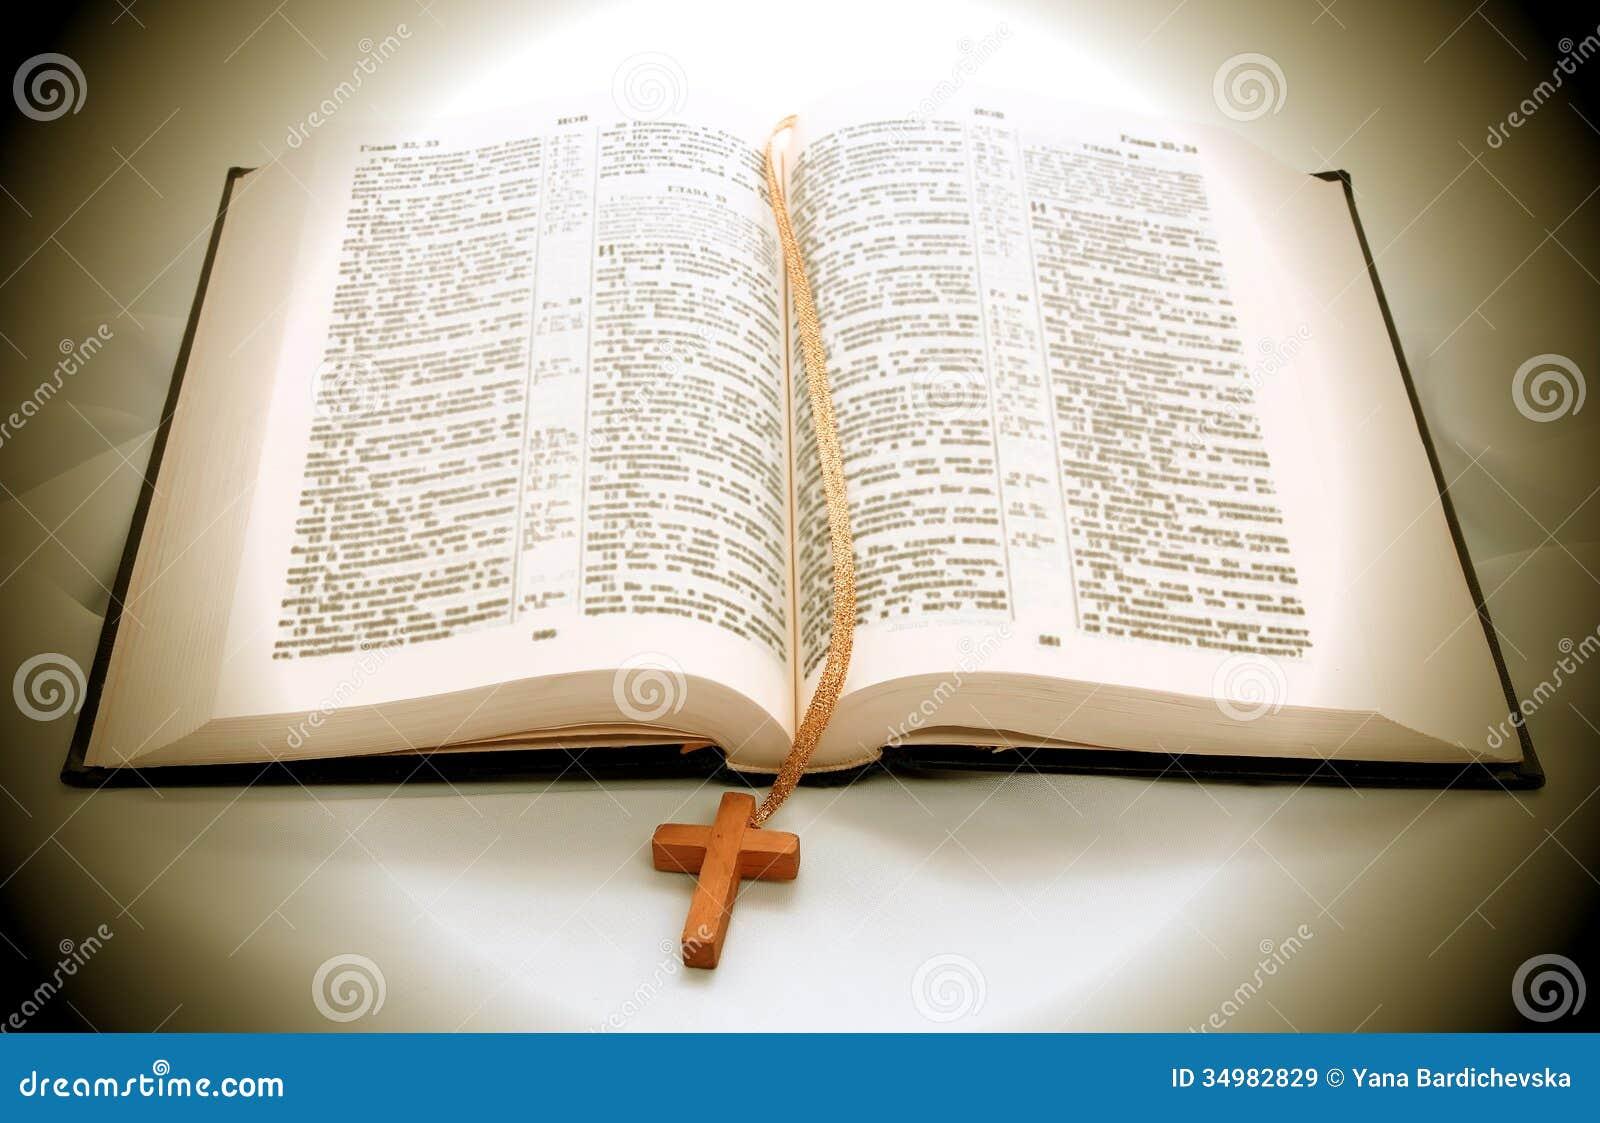 Libro Aperto Della Bibbia Immagini Stock Libere da Diritti   Immagine  34982829